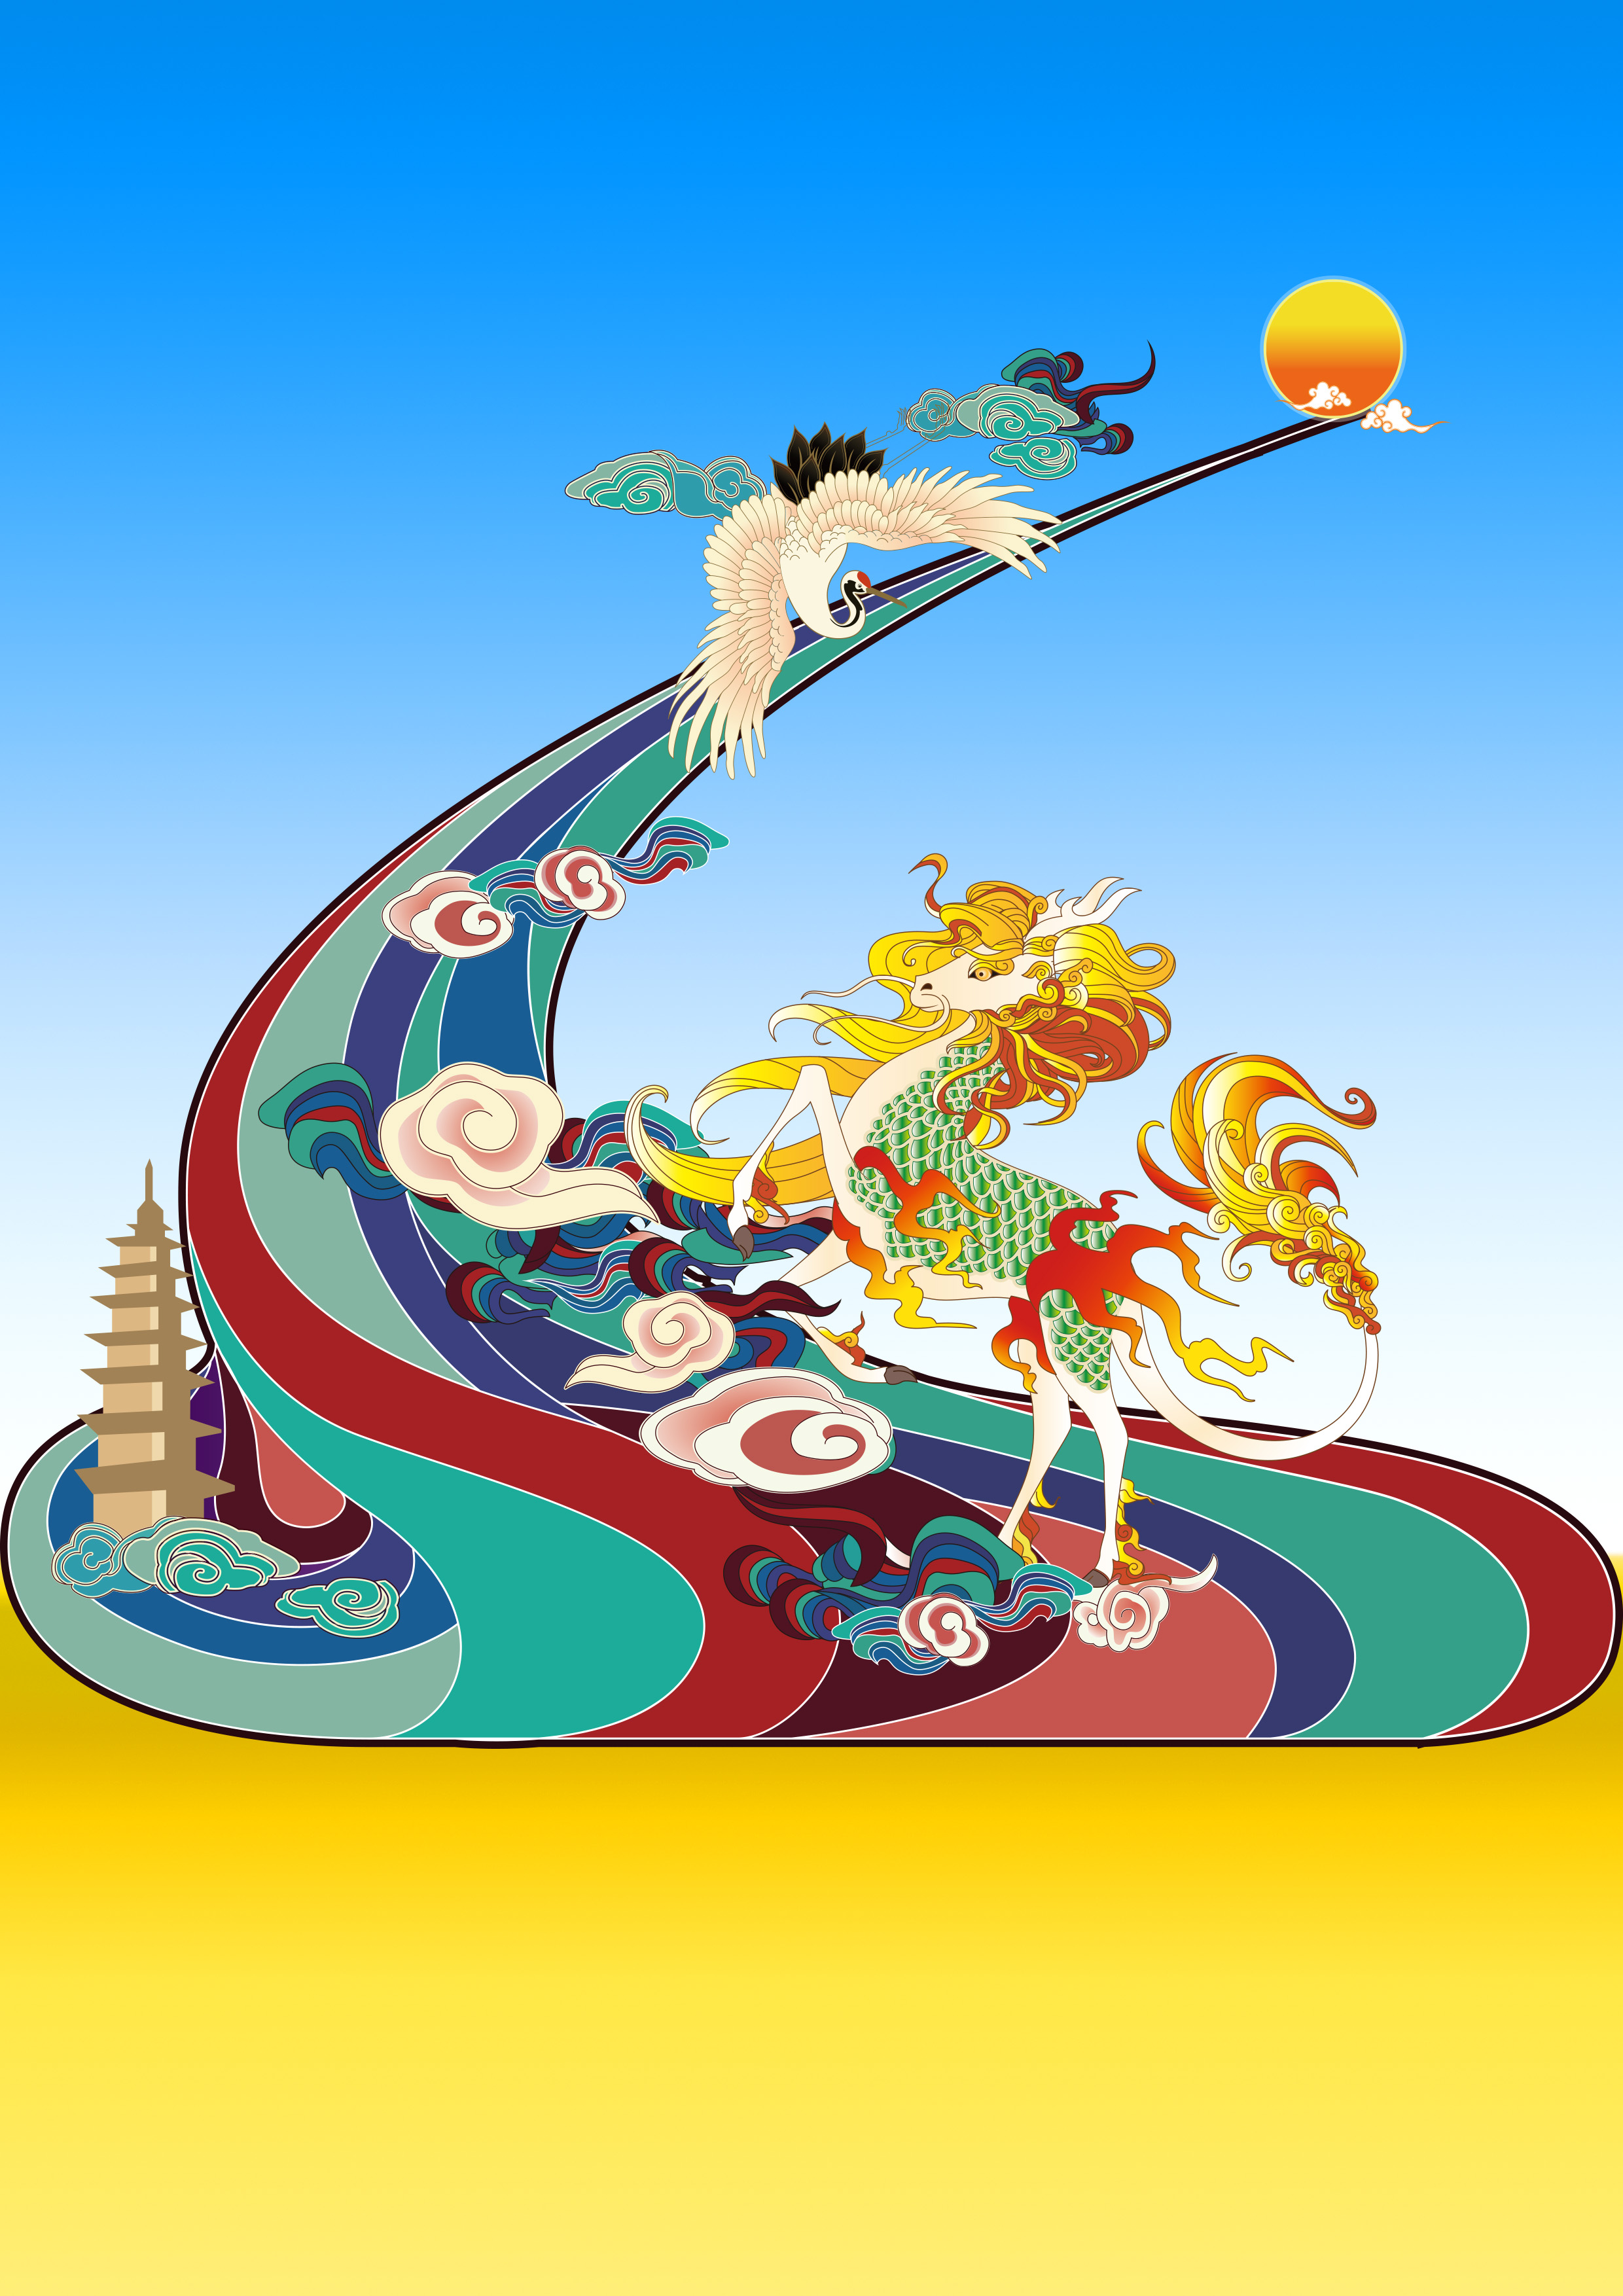 时尚活泼的手绘插画 展现出中国风的